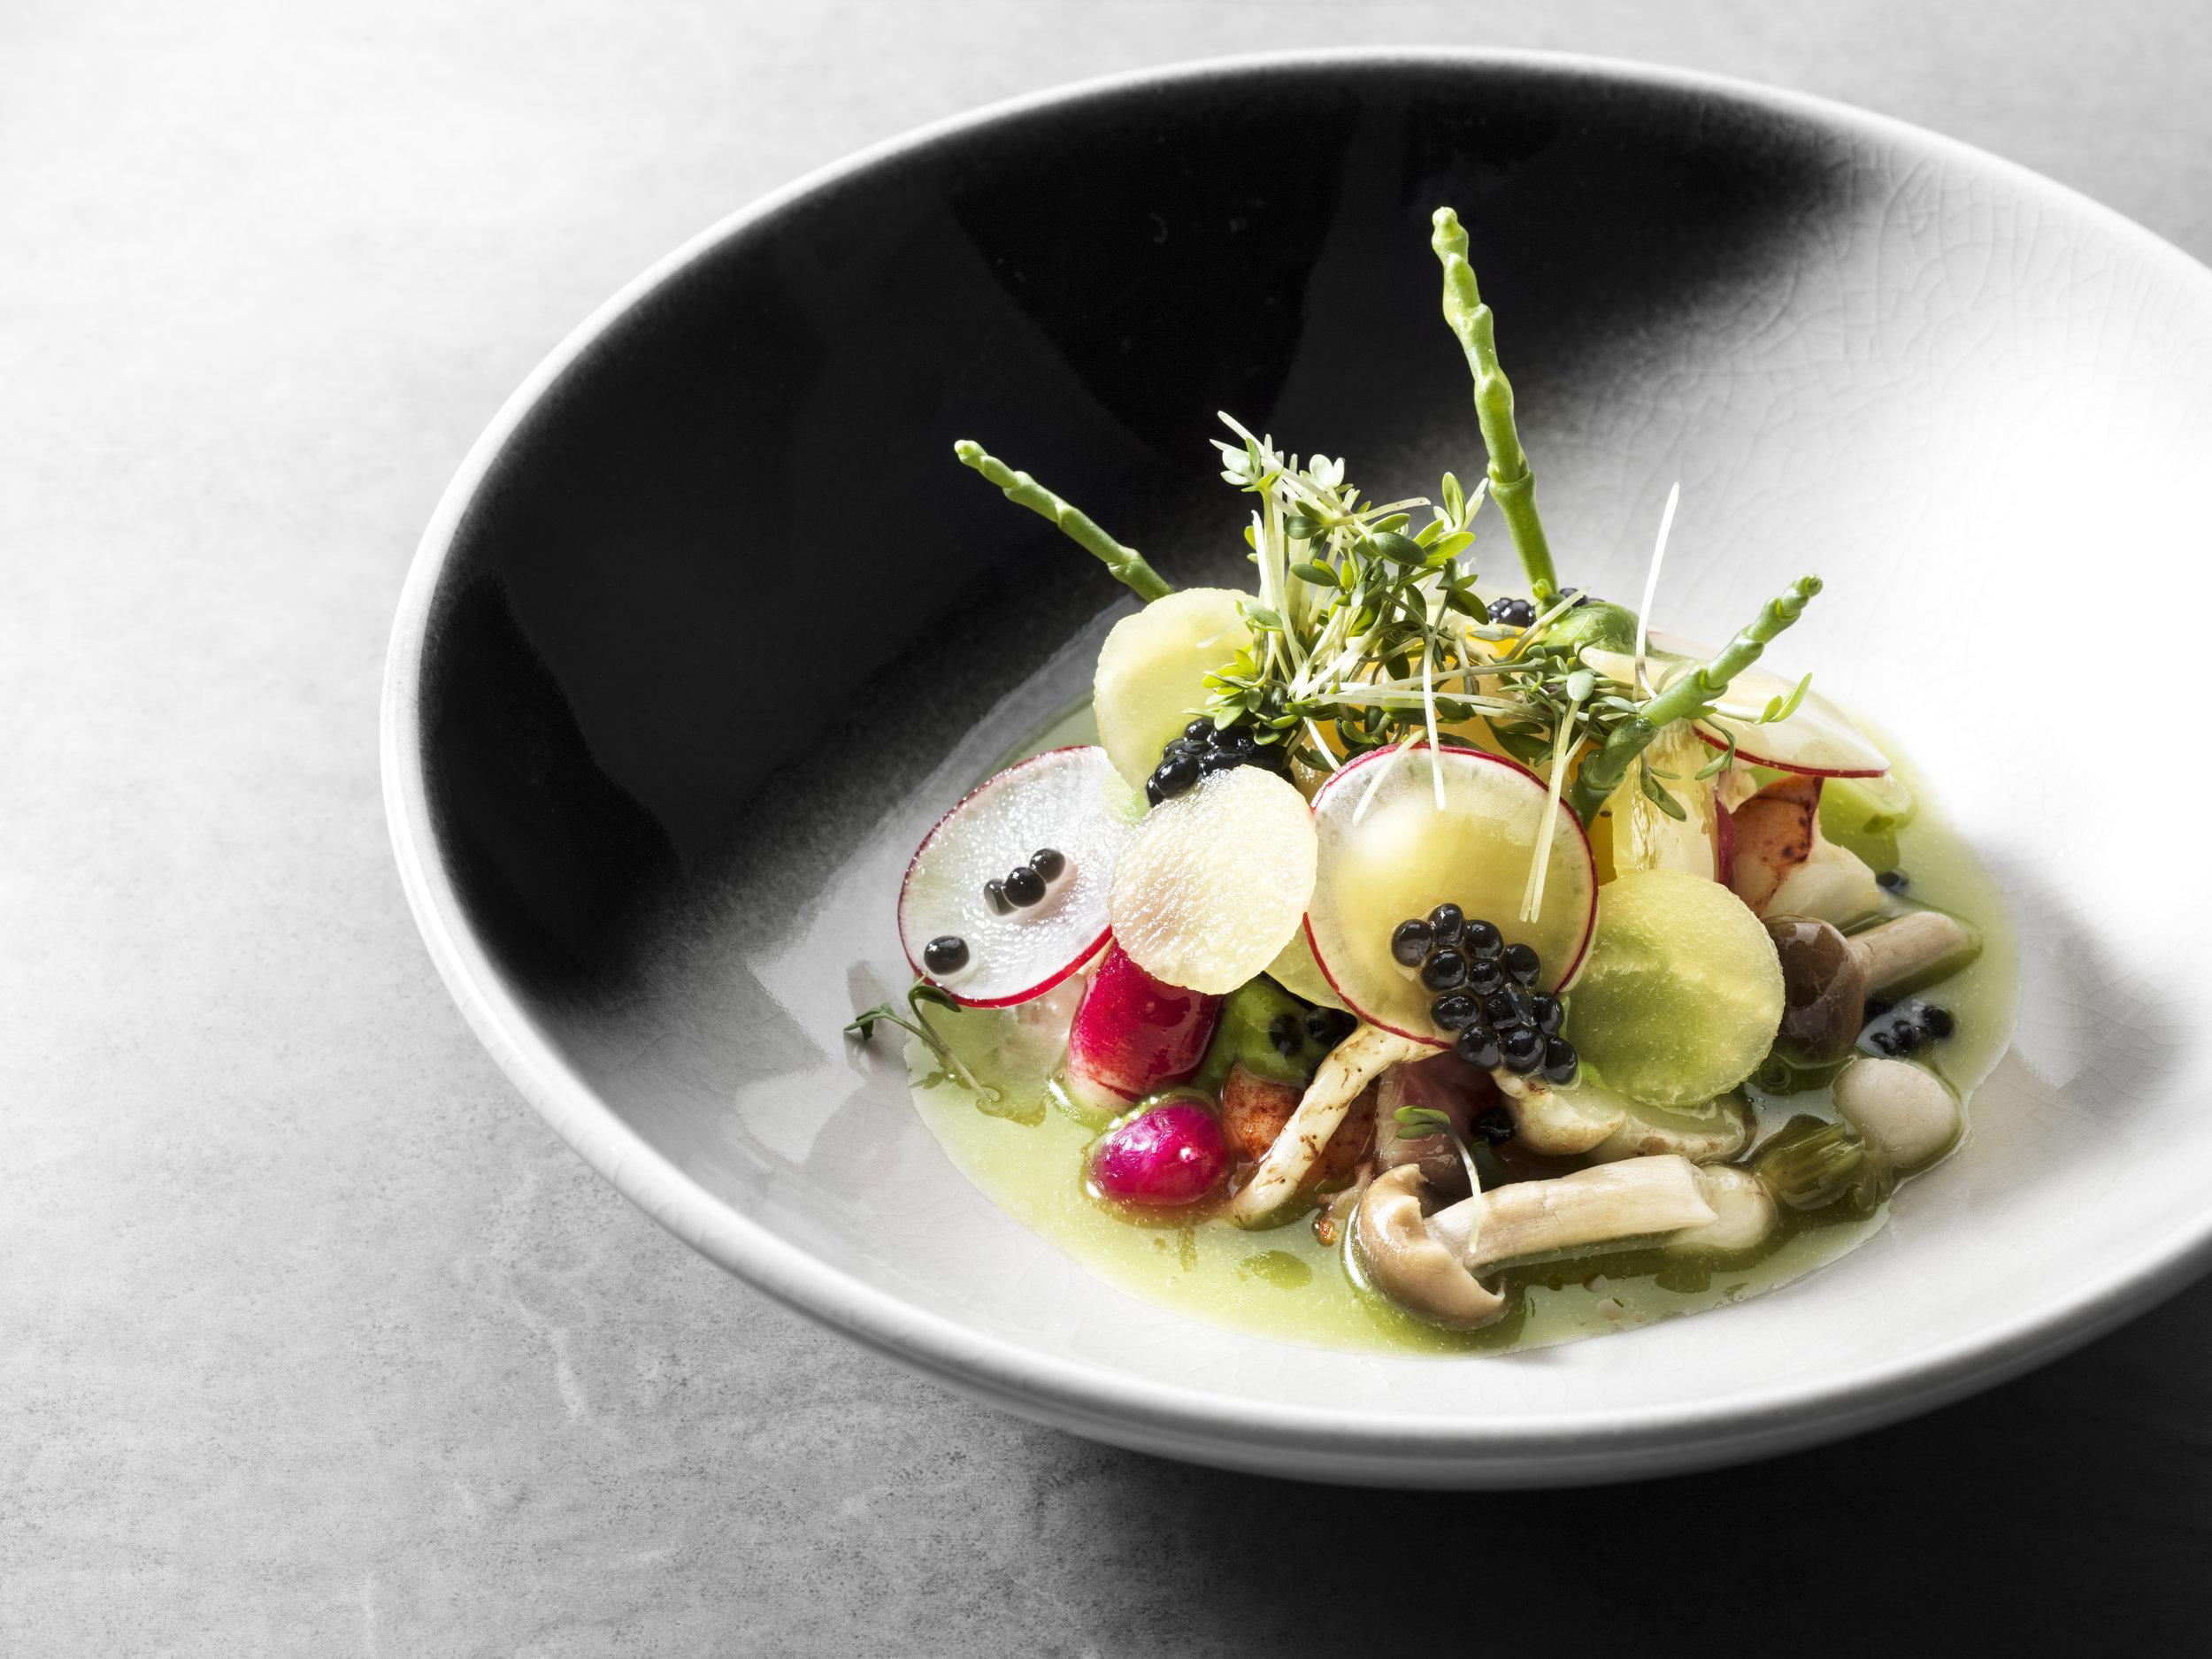 Menno Post | Salade met gerookte paling en zoetzure groente van de koude grond en yuzu dressing